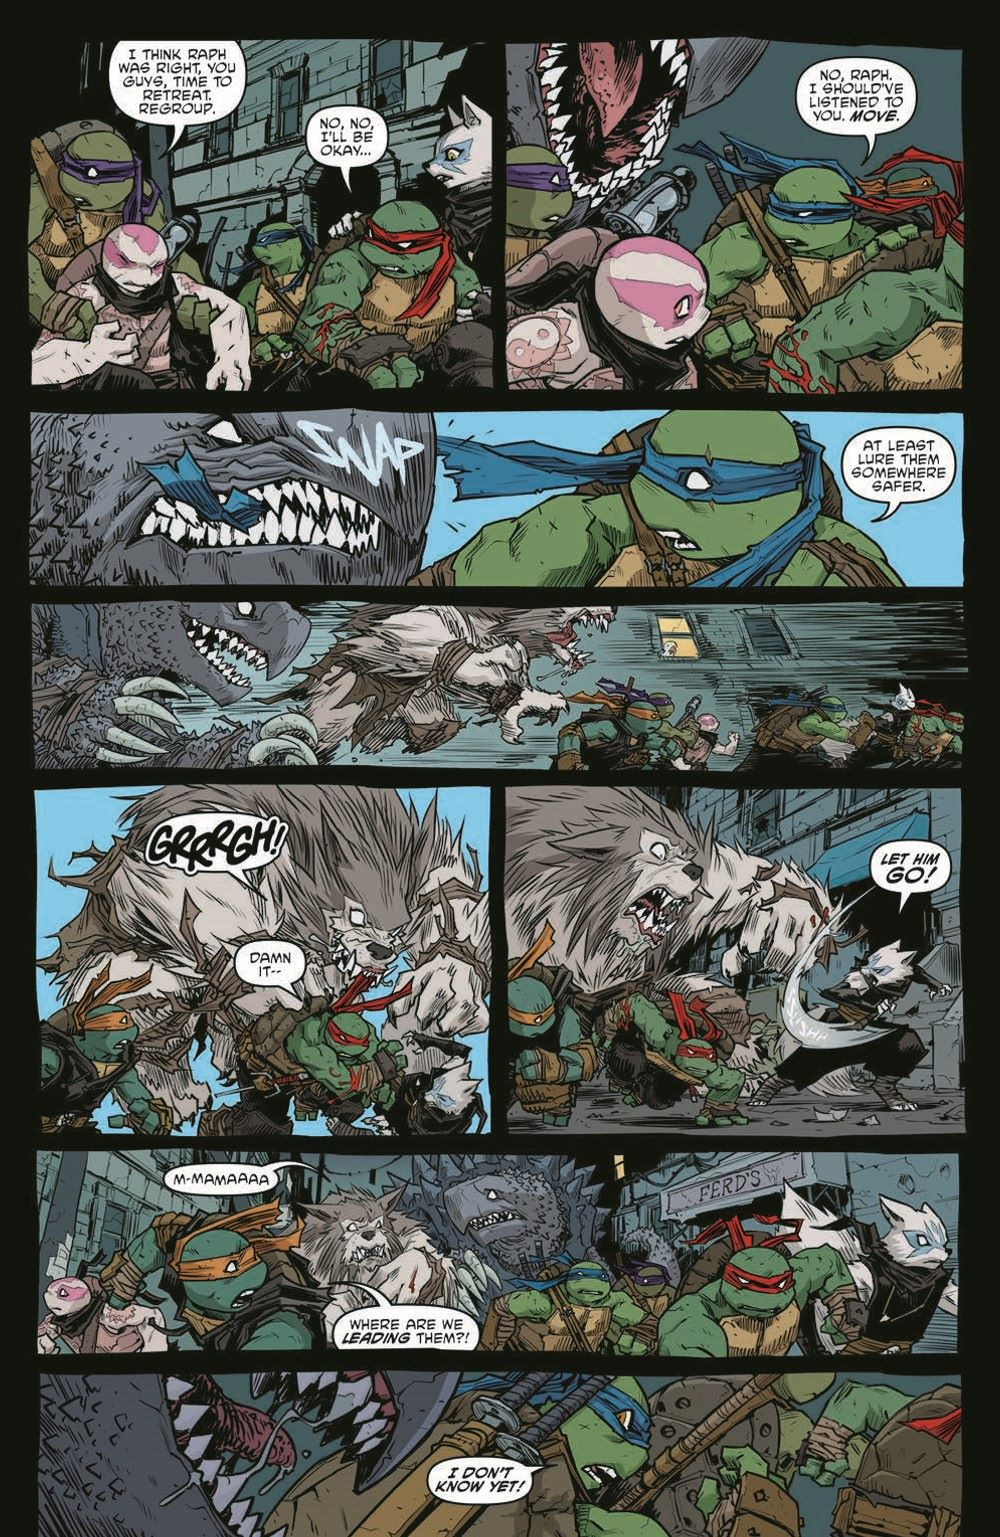 TMNT115_pr-6 ComicList Previews: TEENAGE MUTANT NINJA TURTLES #115